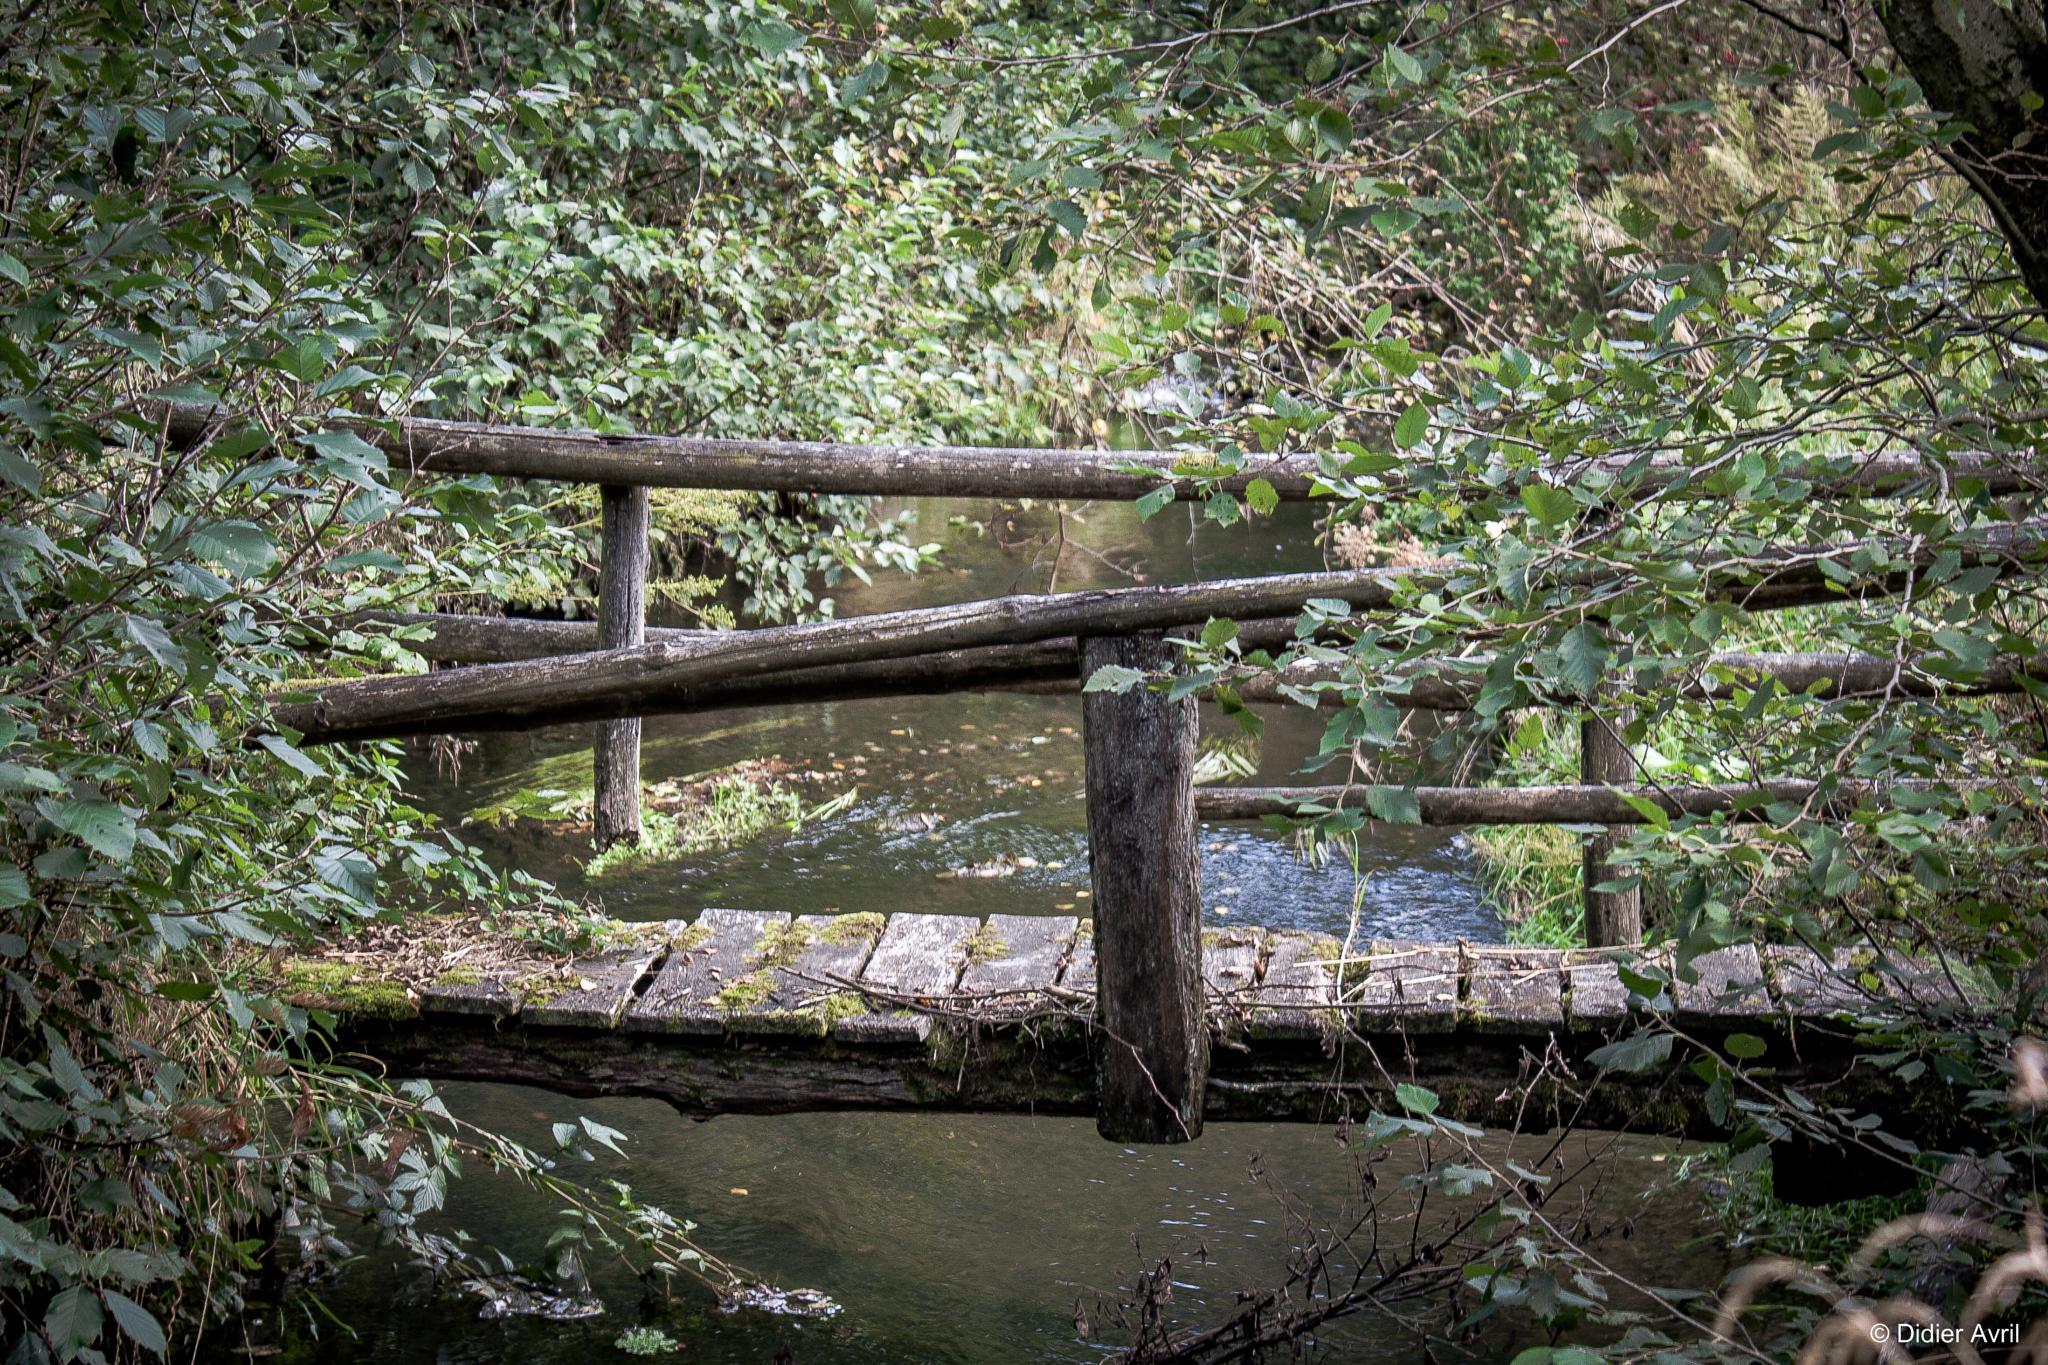 Le petit pont de bois by Didier Avril